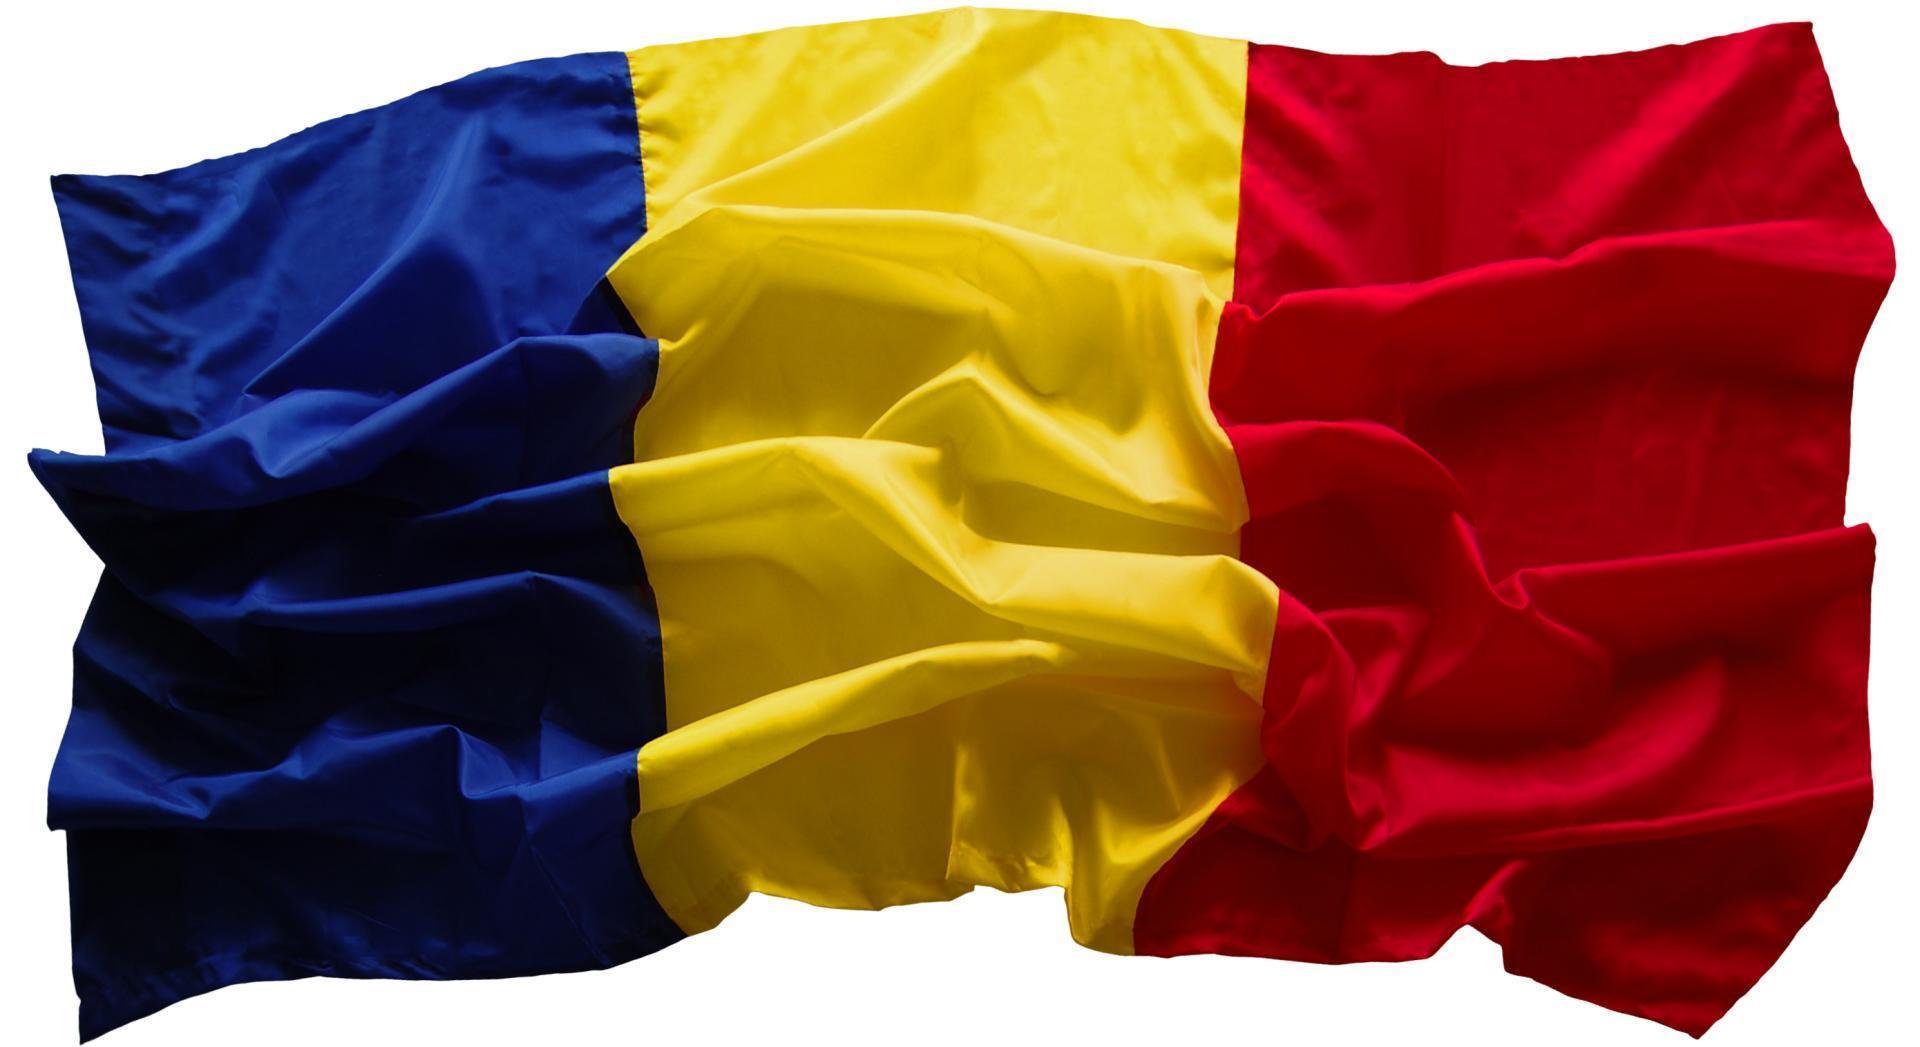 Romania, ultimul loc in UE la democratie